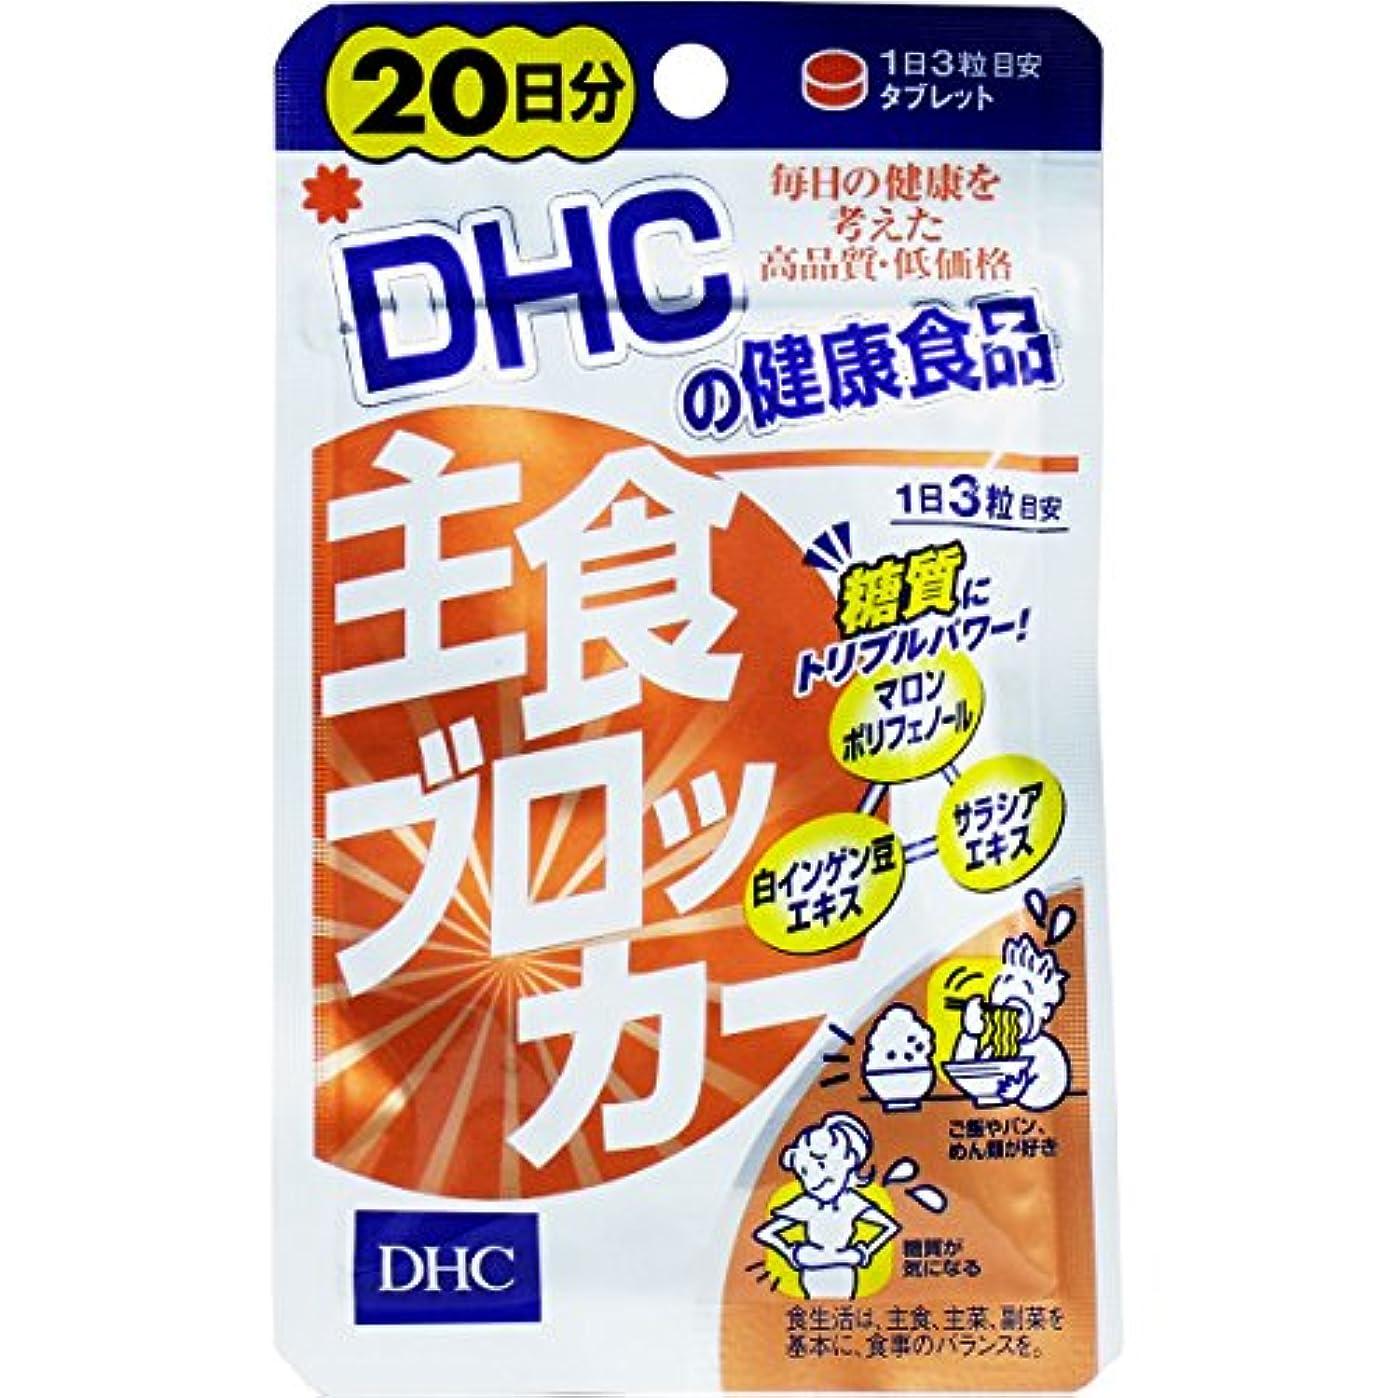 時間厳守どこでも青ダイエット トリプルパワーでため込み対策 栄養機能食品 DHC 主食ブロッカー 20日分 60粒入【5個セット】